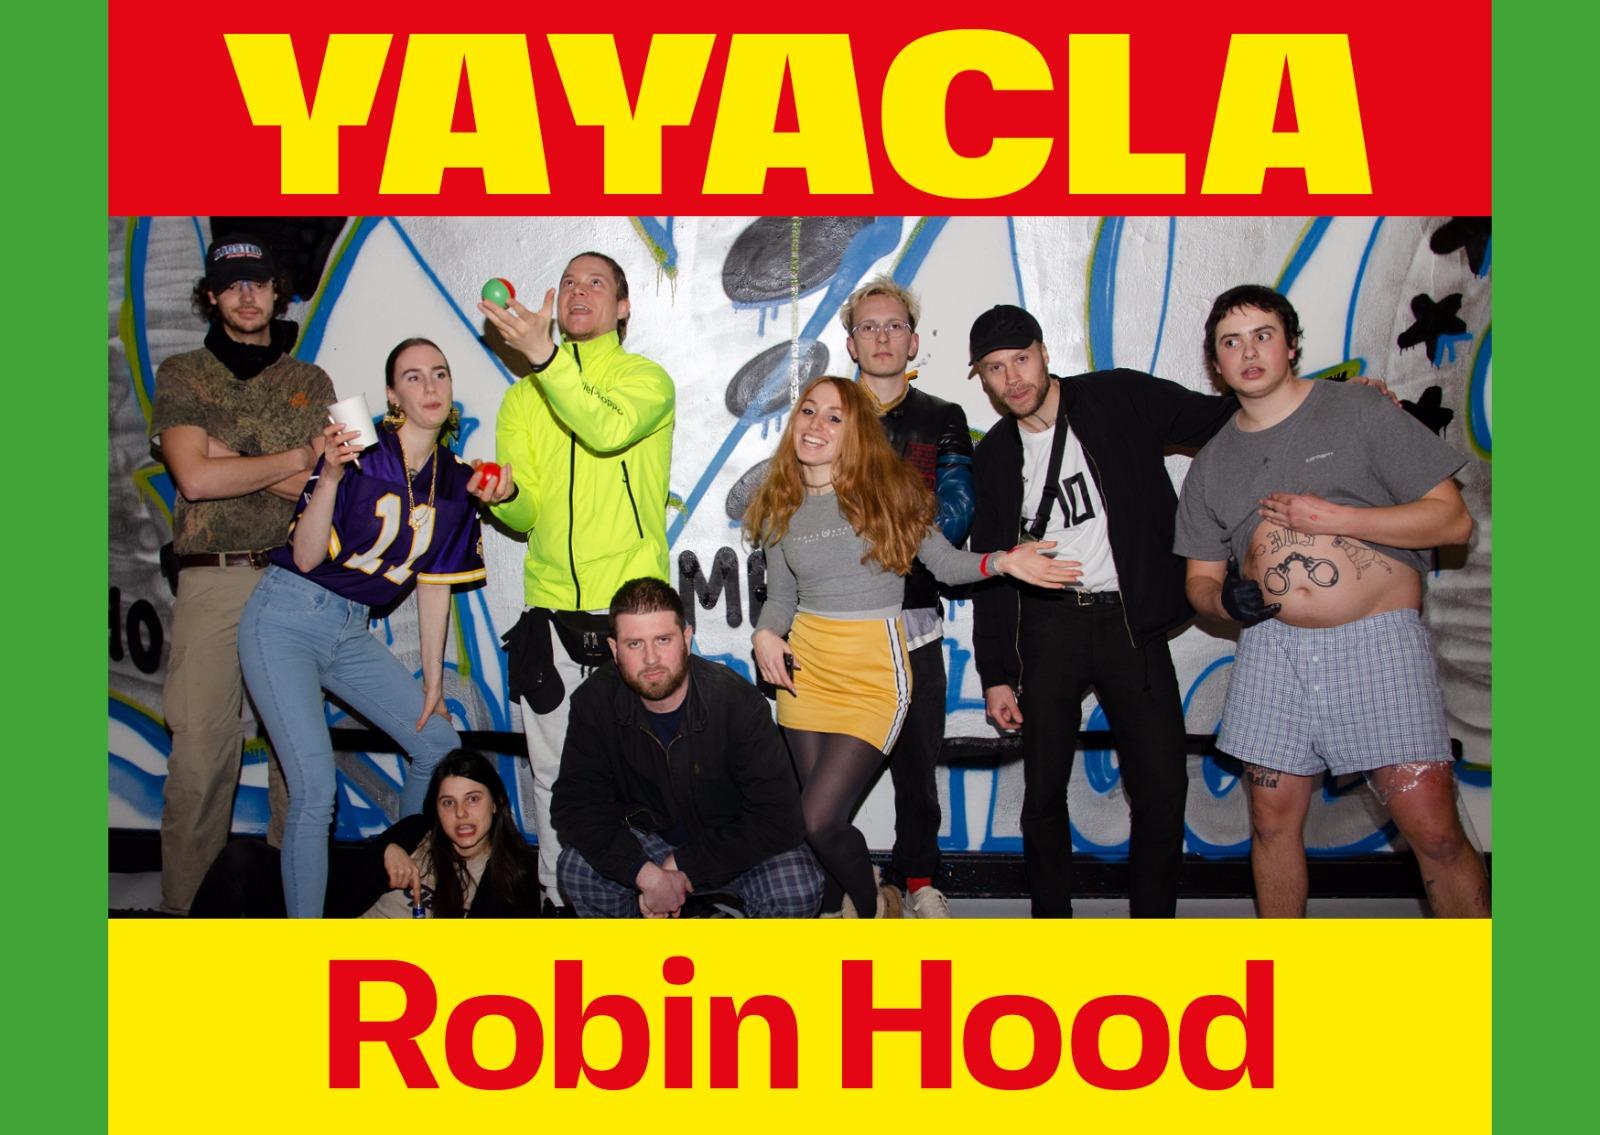 YAYACLA ROBIN HOOD